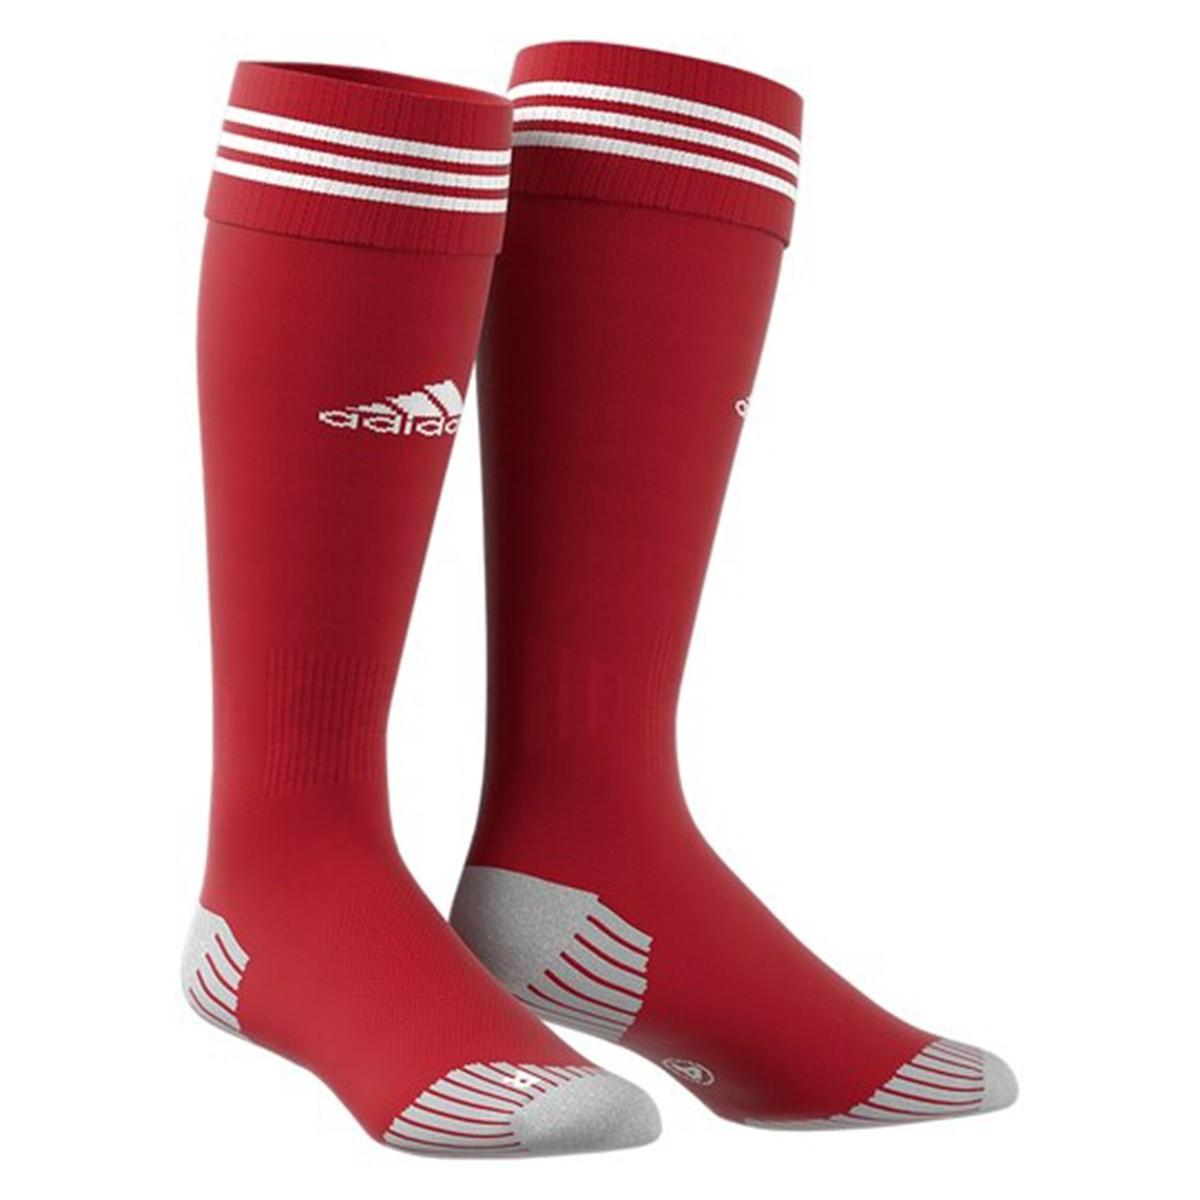 Meião Adidas Aditop 3 Listras - Vermelho - Masculino